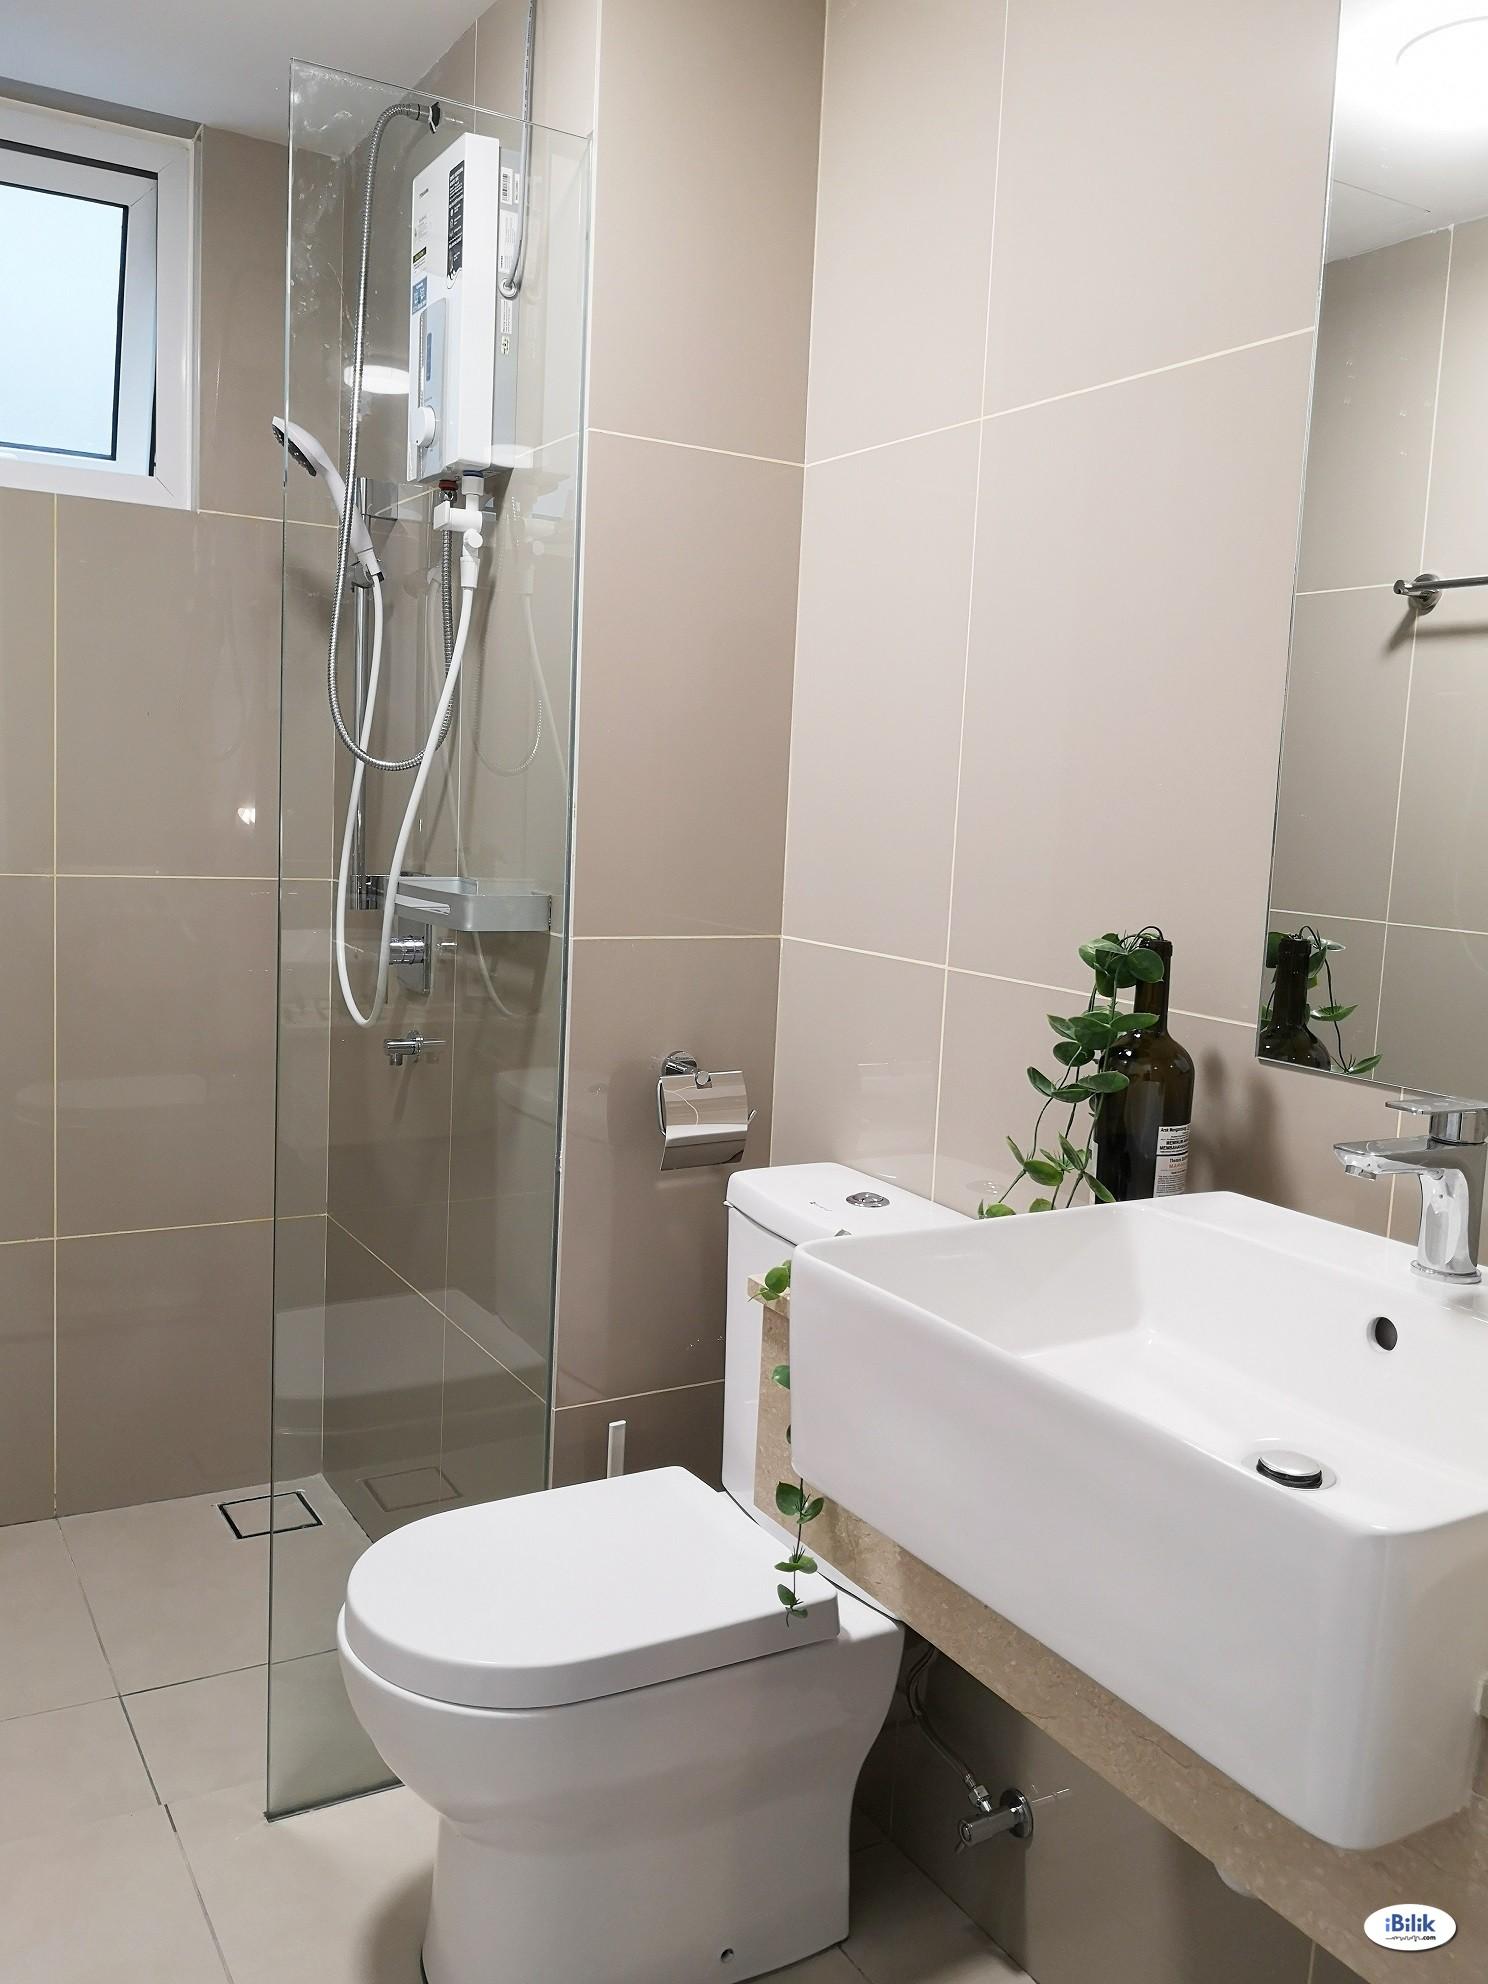 Master Room at Sentul Point Suite Apartments, Sentul